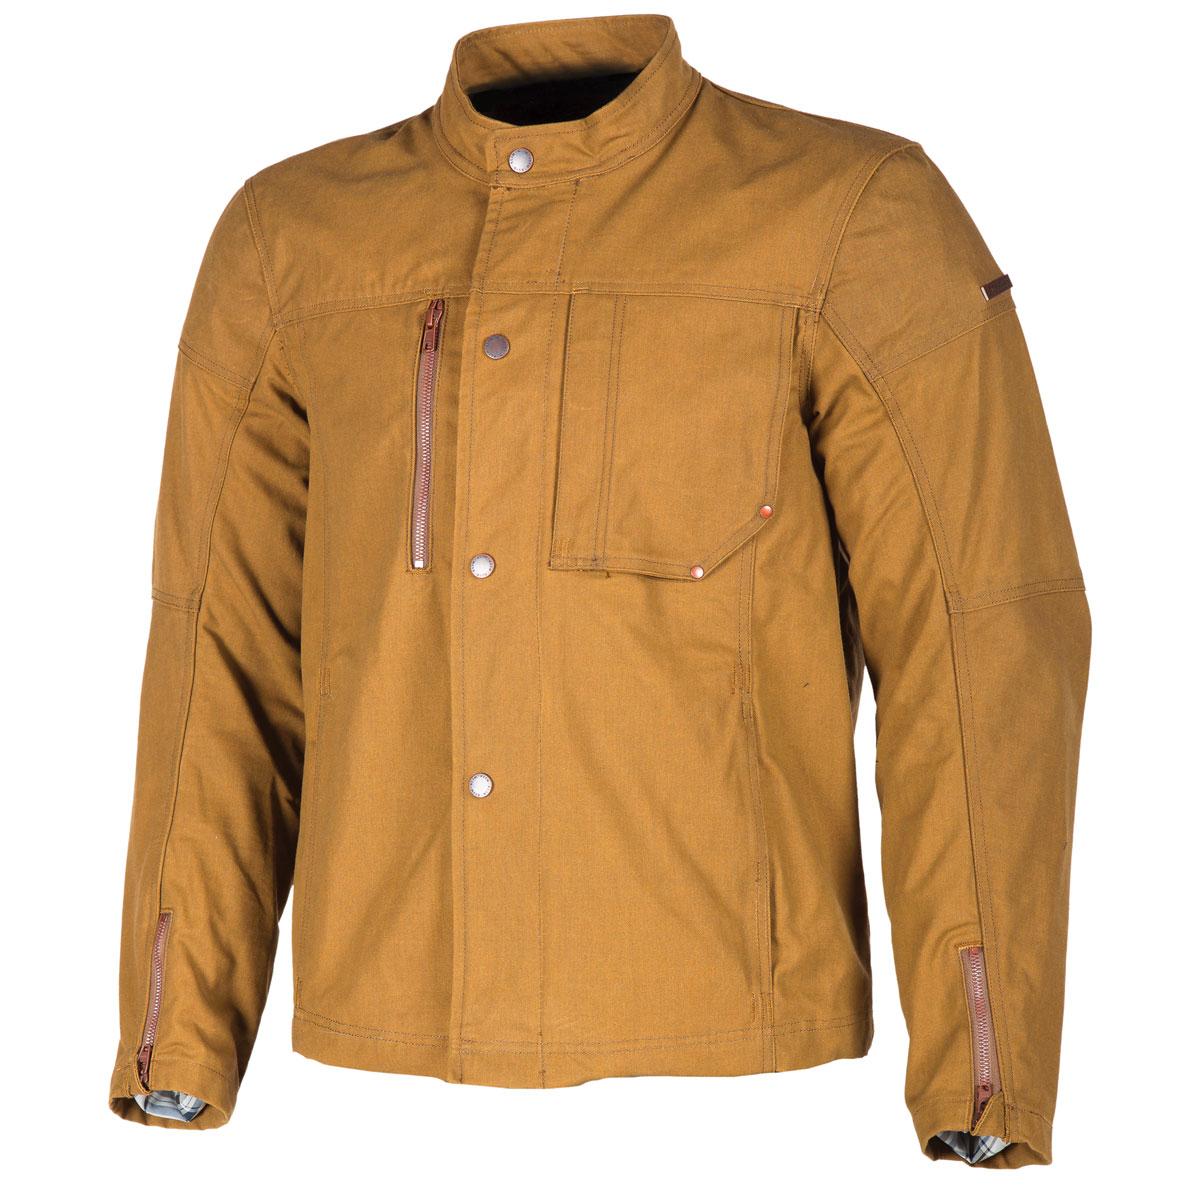 Klim Men's Drifter Brown Canvas Jacket